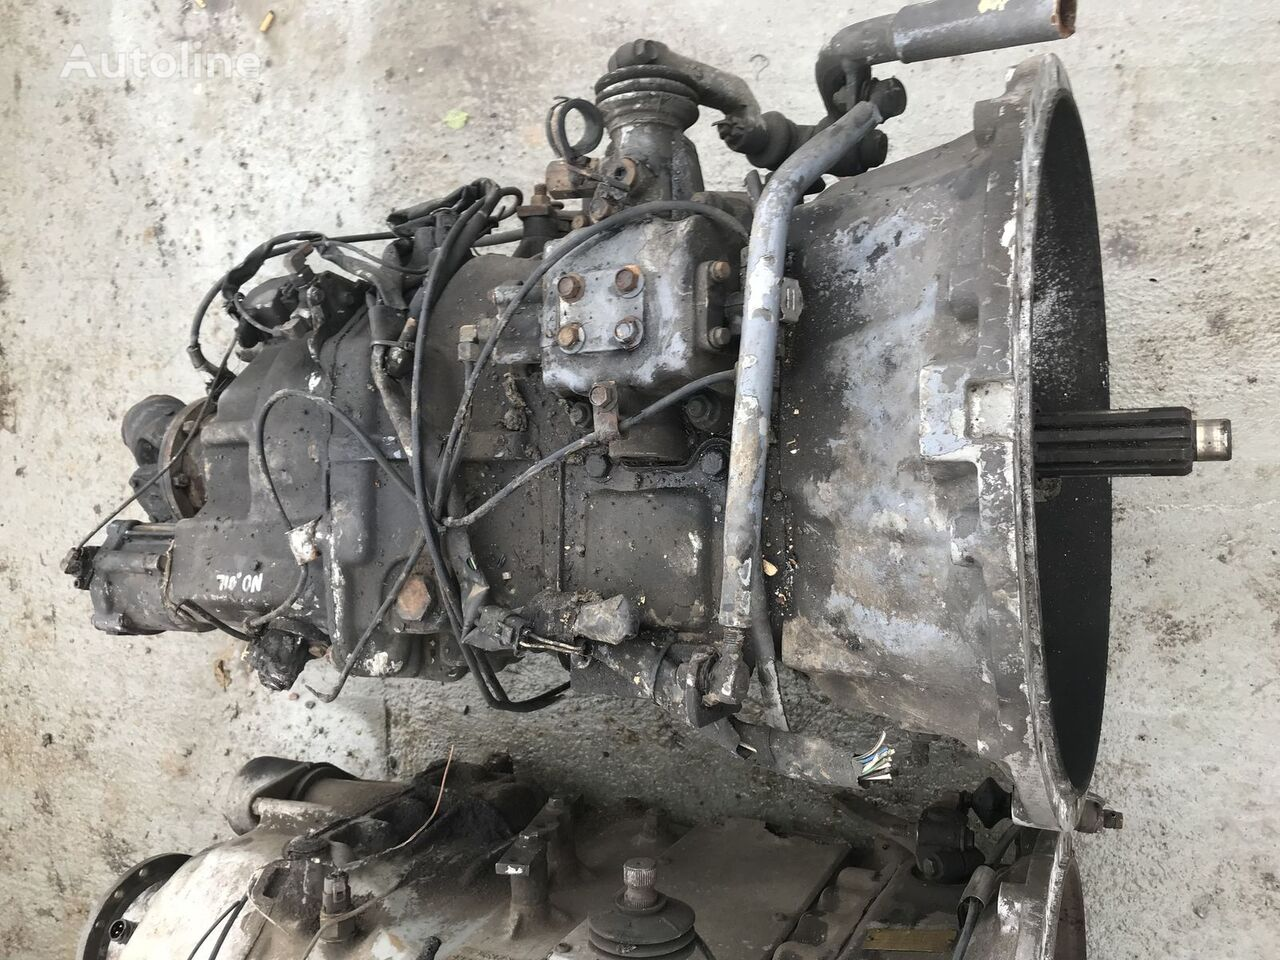 käigukast VOLVO R1000 10,18 tüübi jaoks veduki